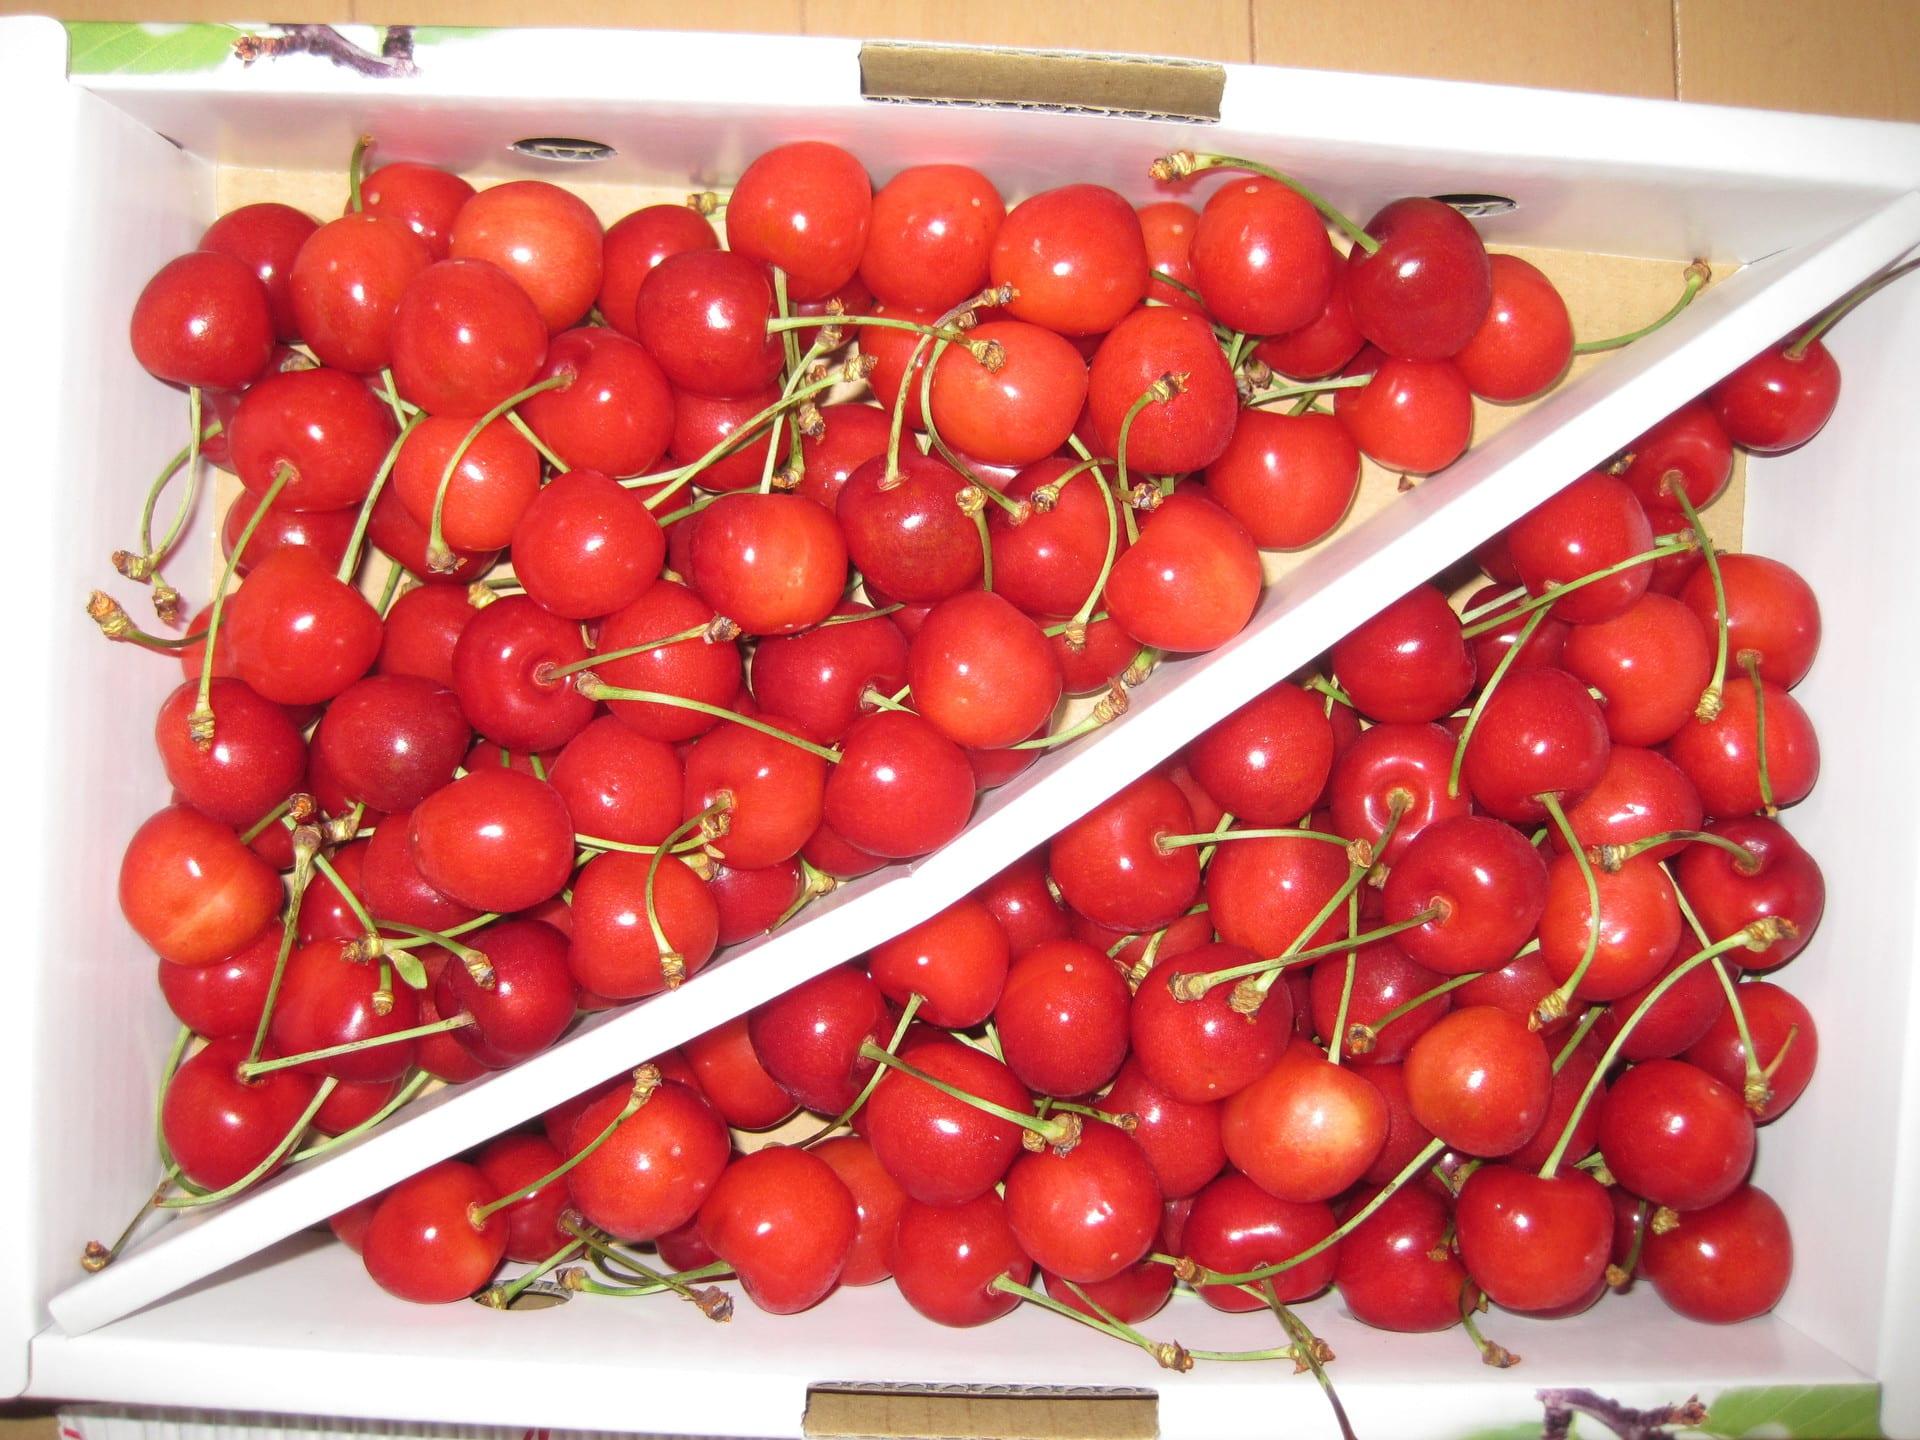 ポポーガーデンくらぶ  森のカスタードプリン??噂の珍果、ポポーを21品種栽培し、品種間の違いを地味に研究中です!